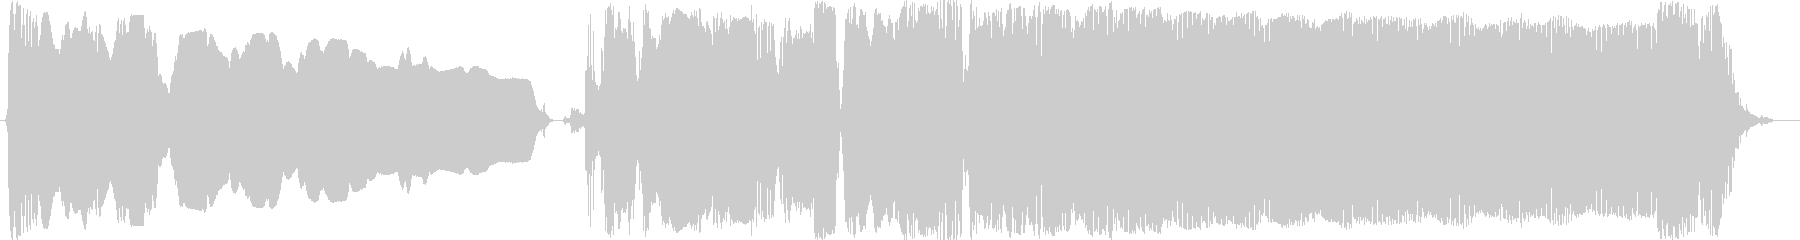 ブルースフレーズを用いたジングル用3の未再生の波形